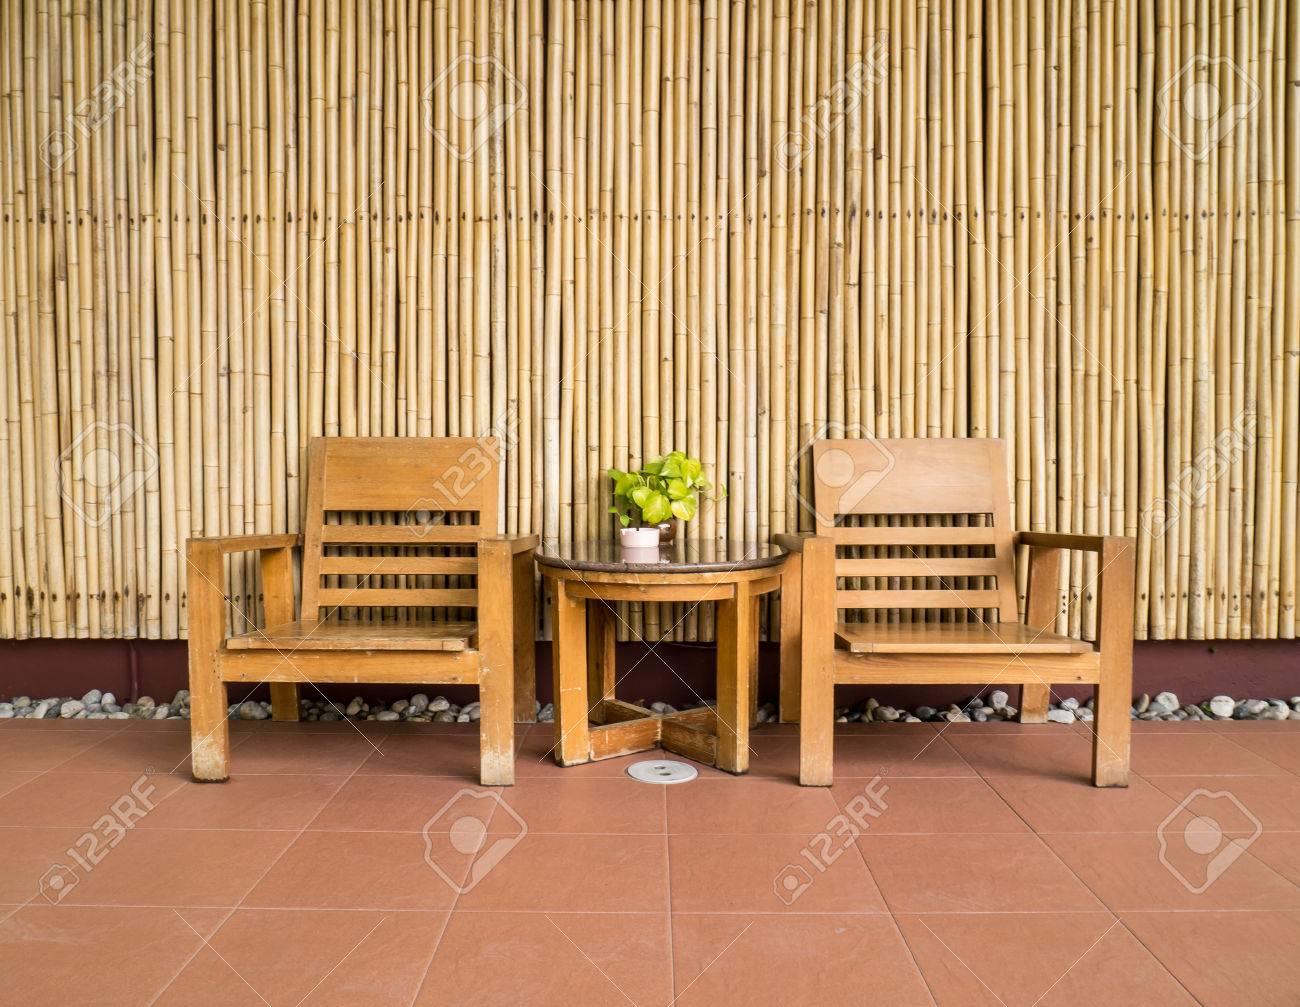 Bois Chaise Style Ancien En Face De Larriere Plan Bambou Banque